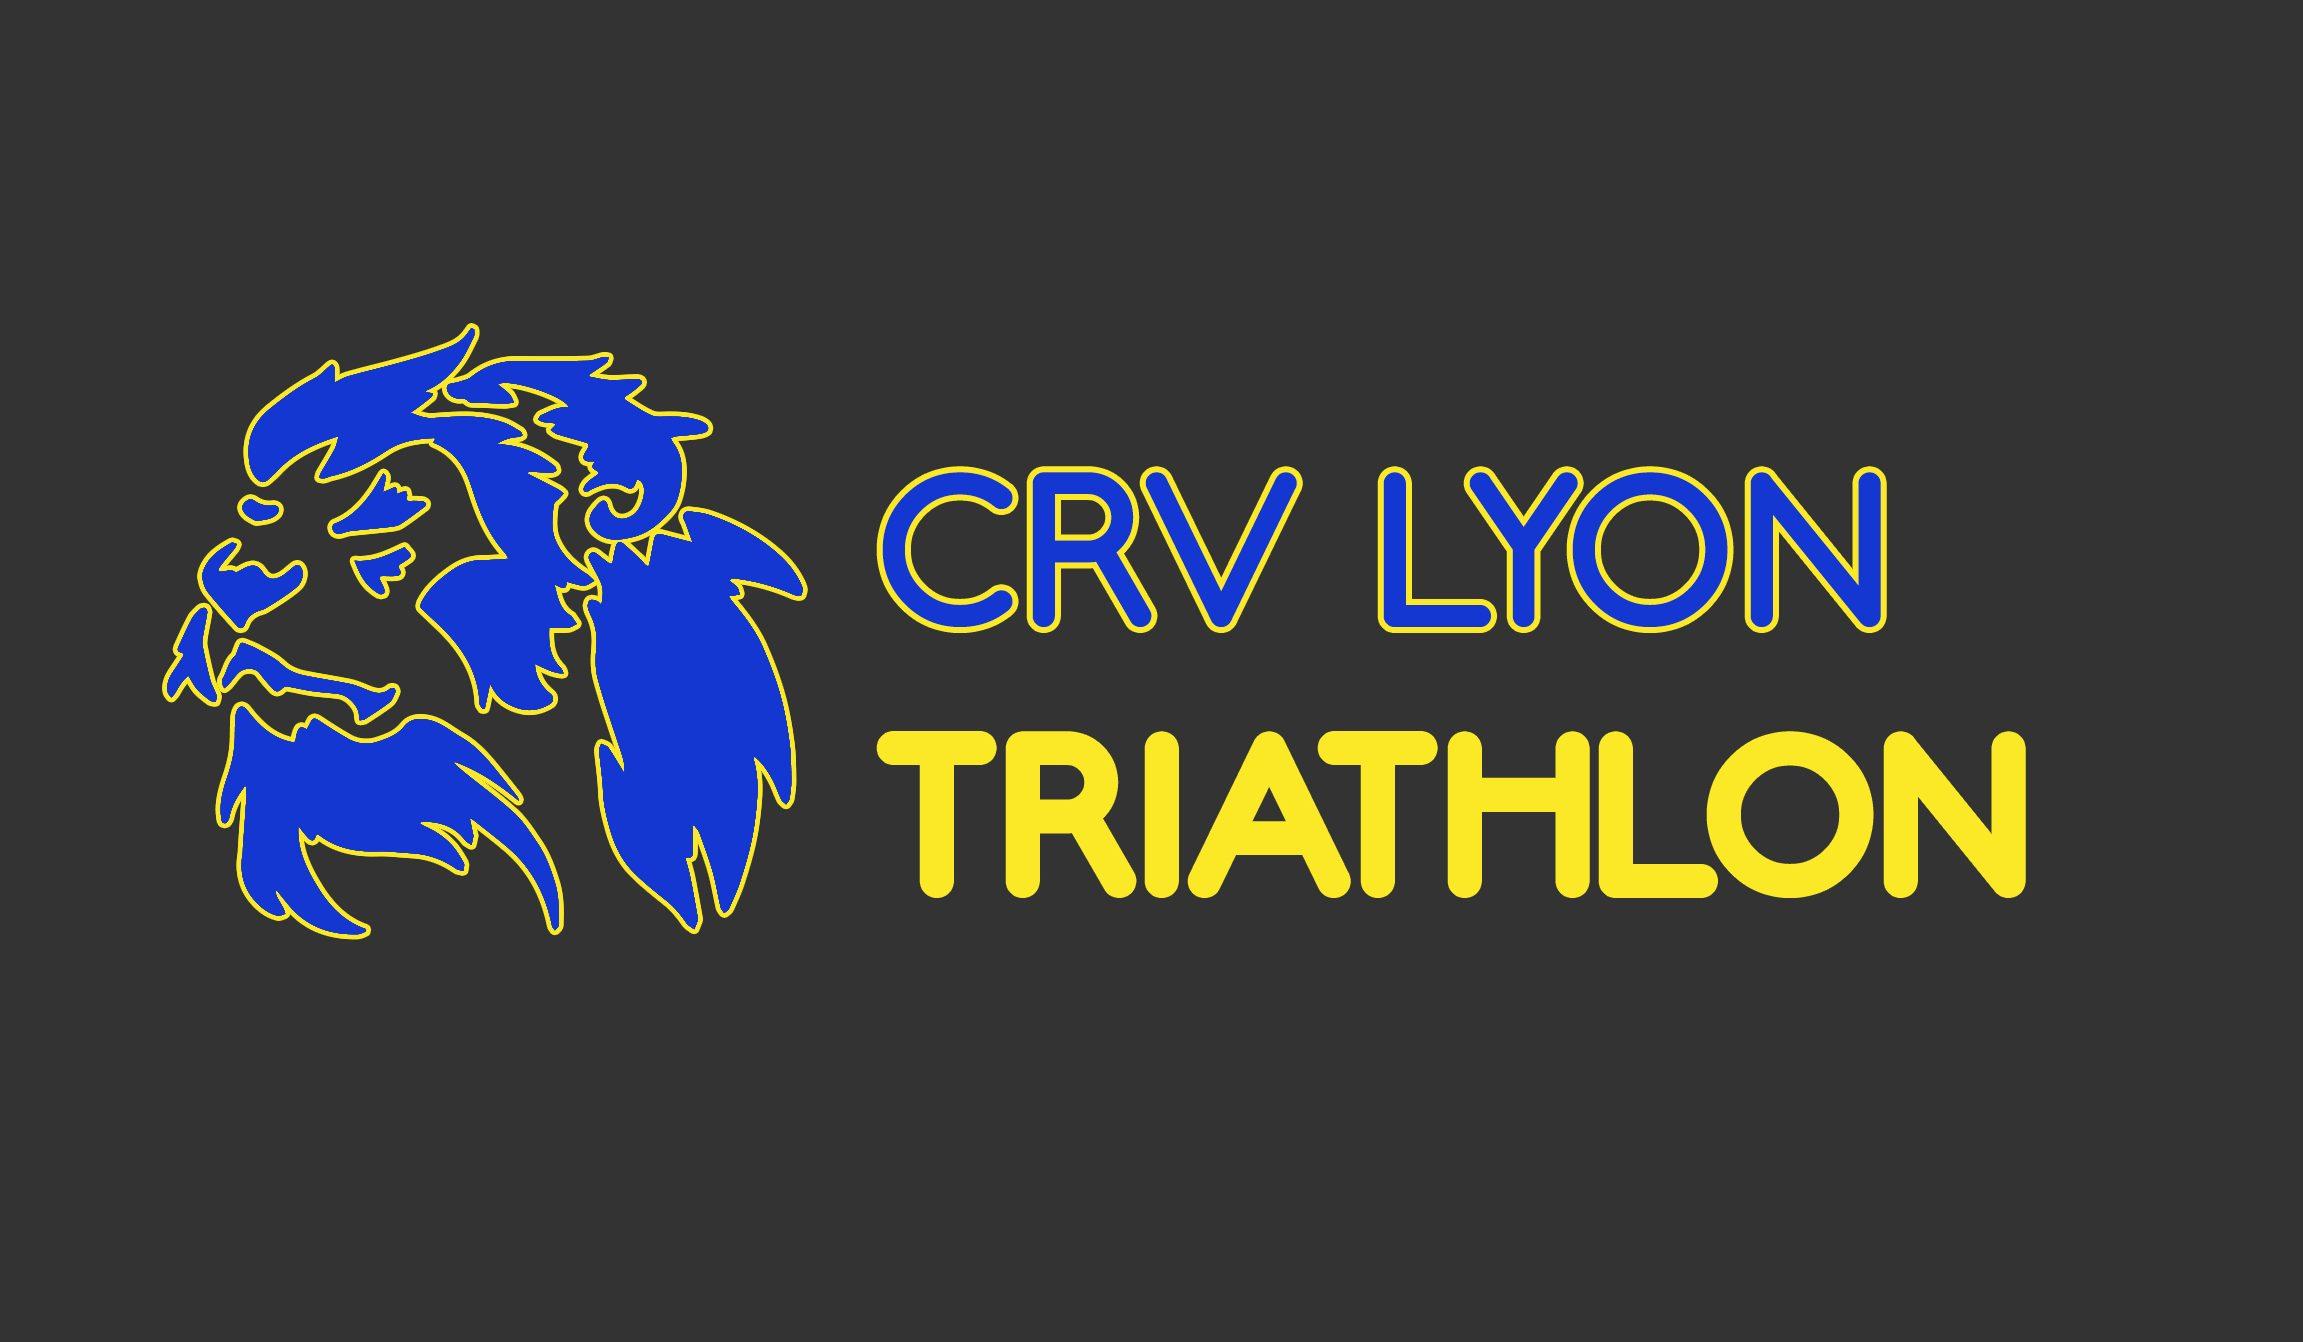 CRV LYON TRIATHLON